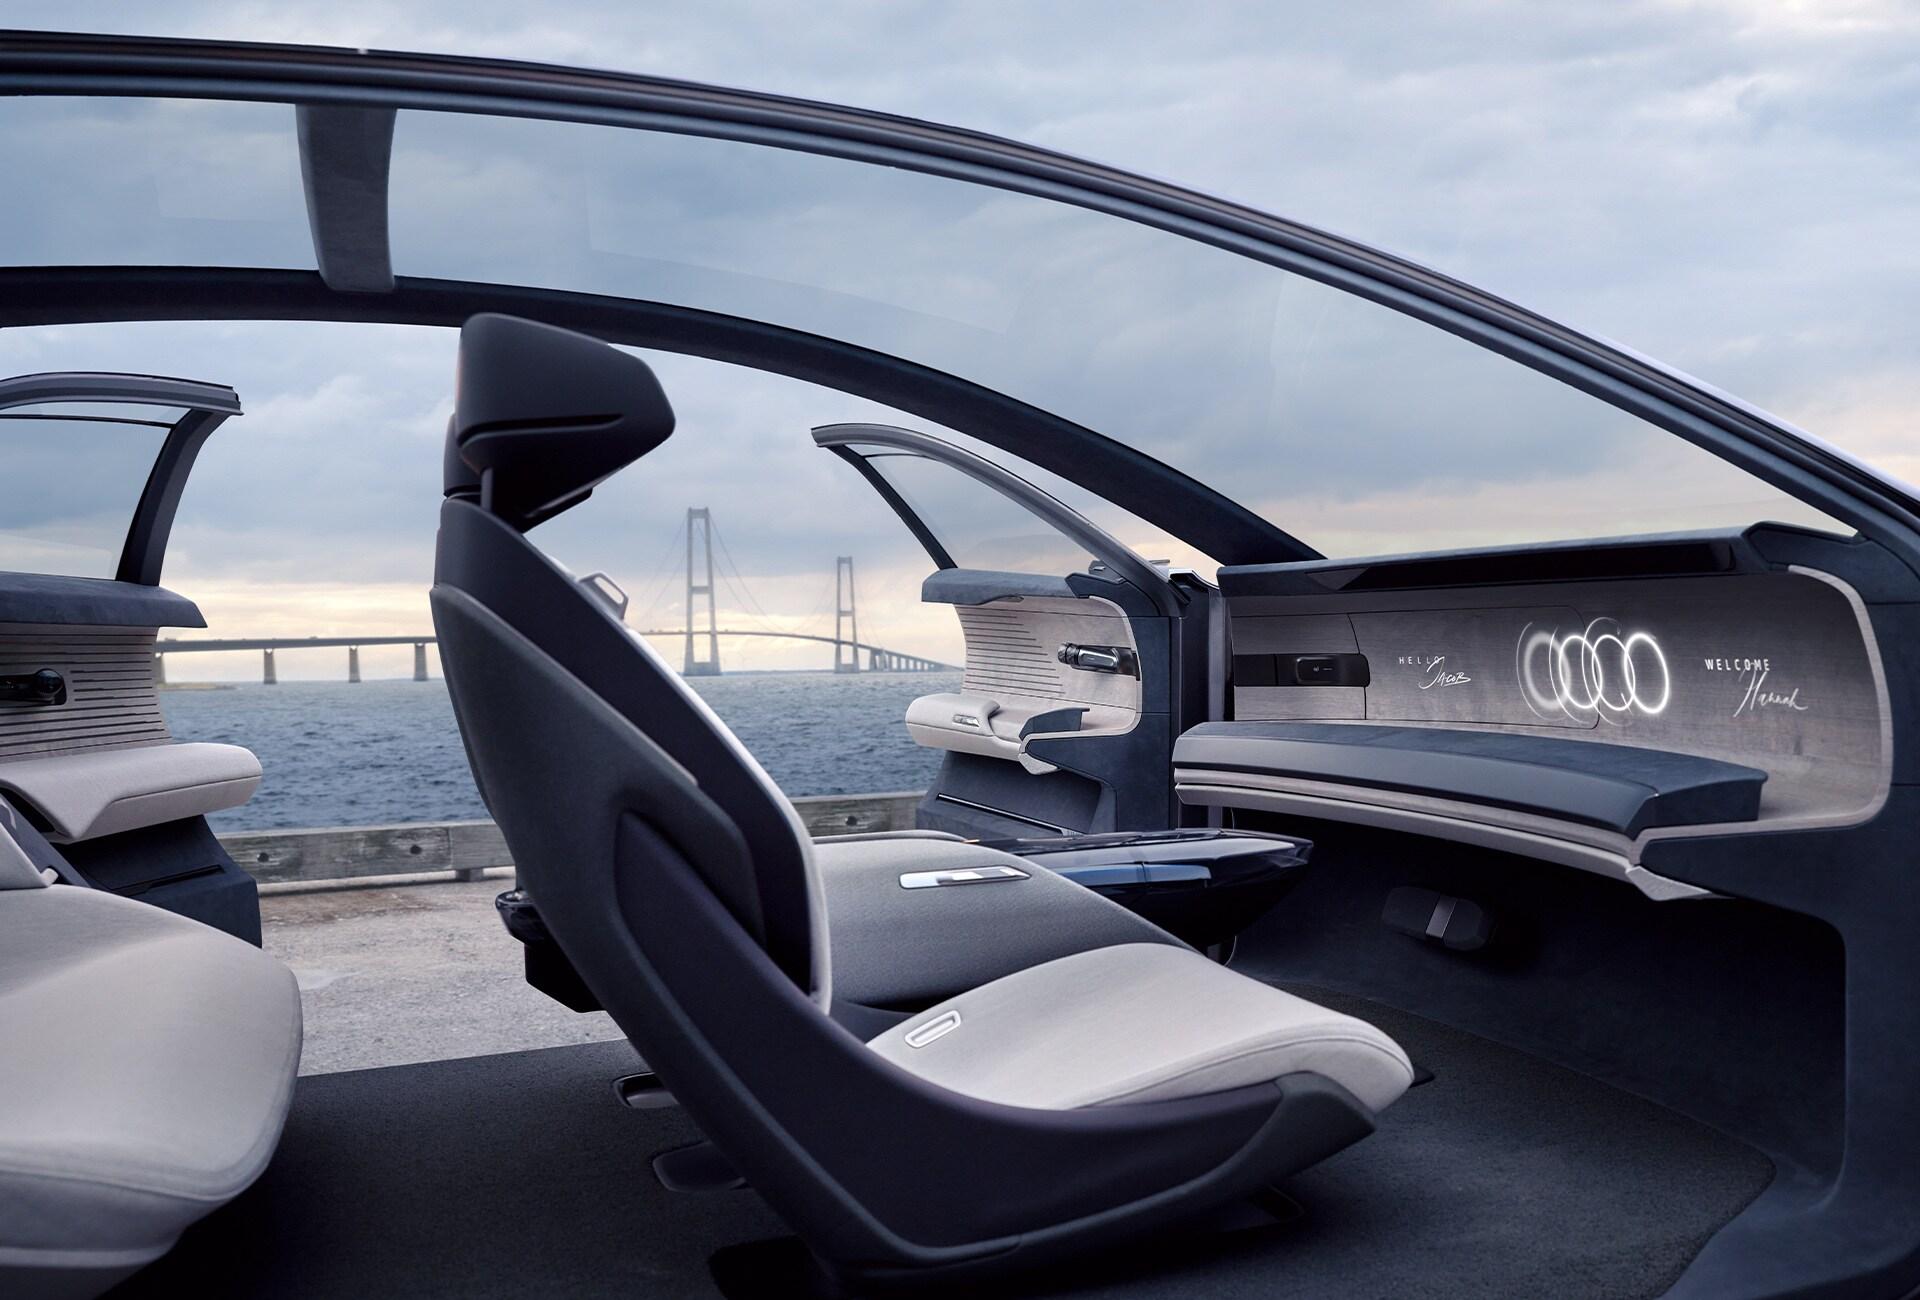 Pogled v notranjost konceptnega vozila Audi grandsphere.